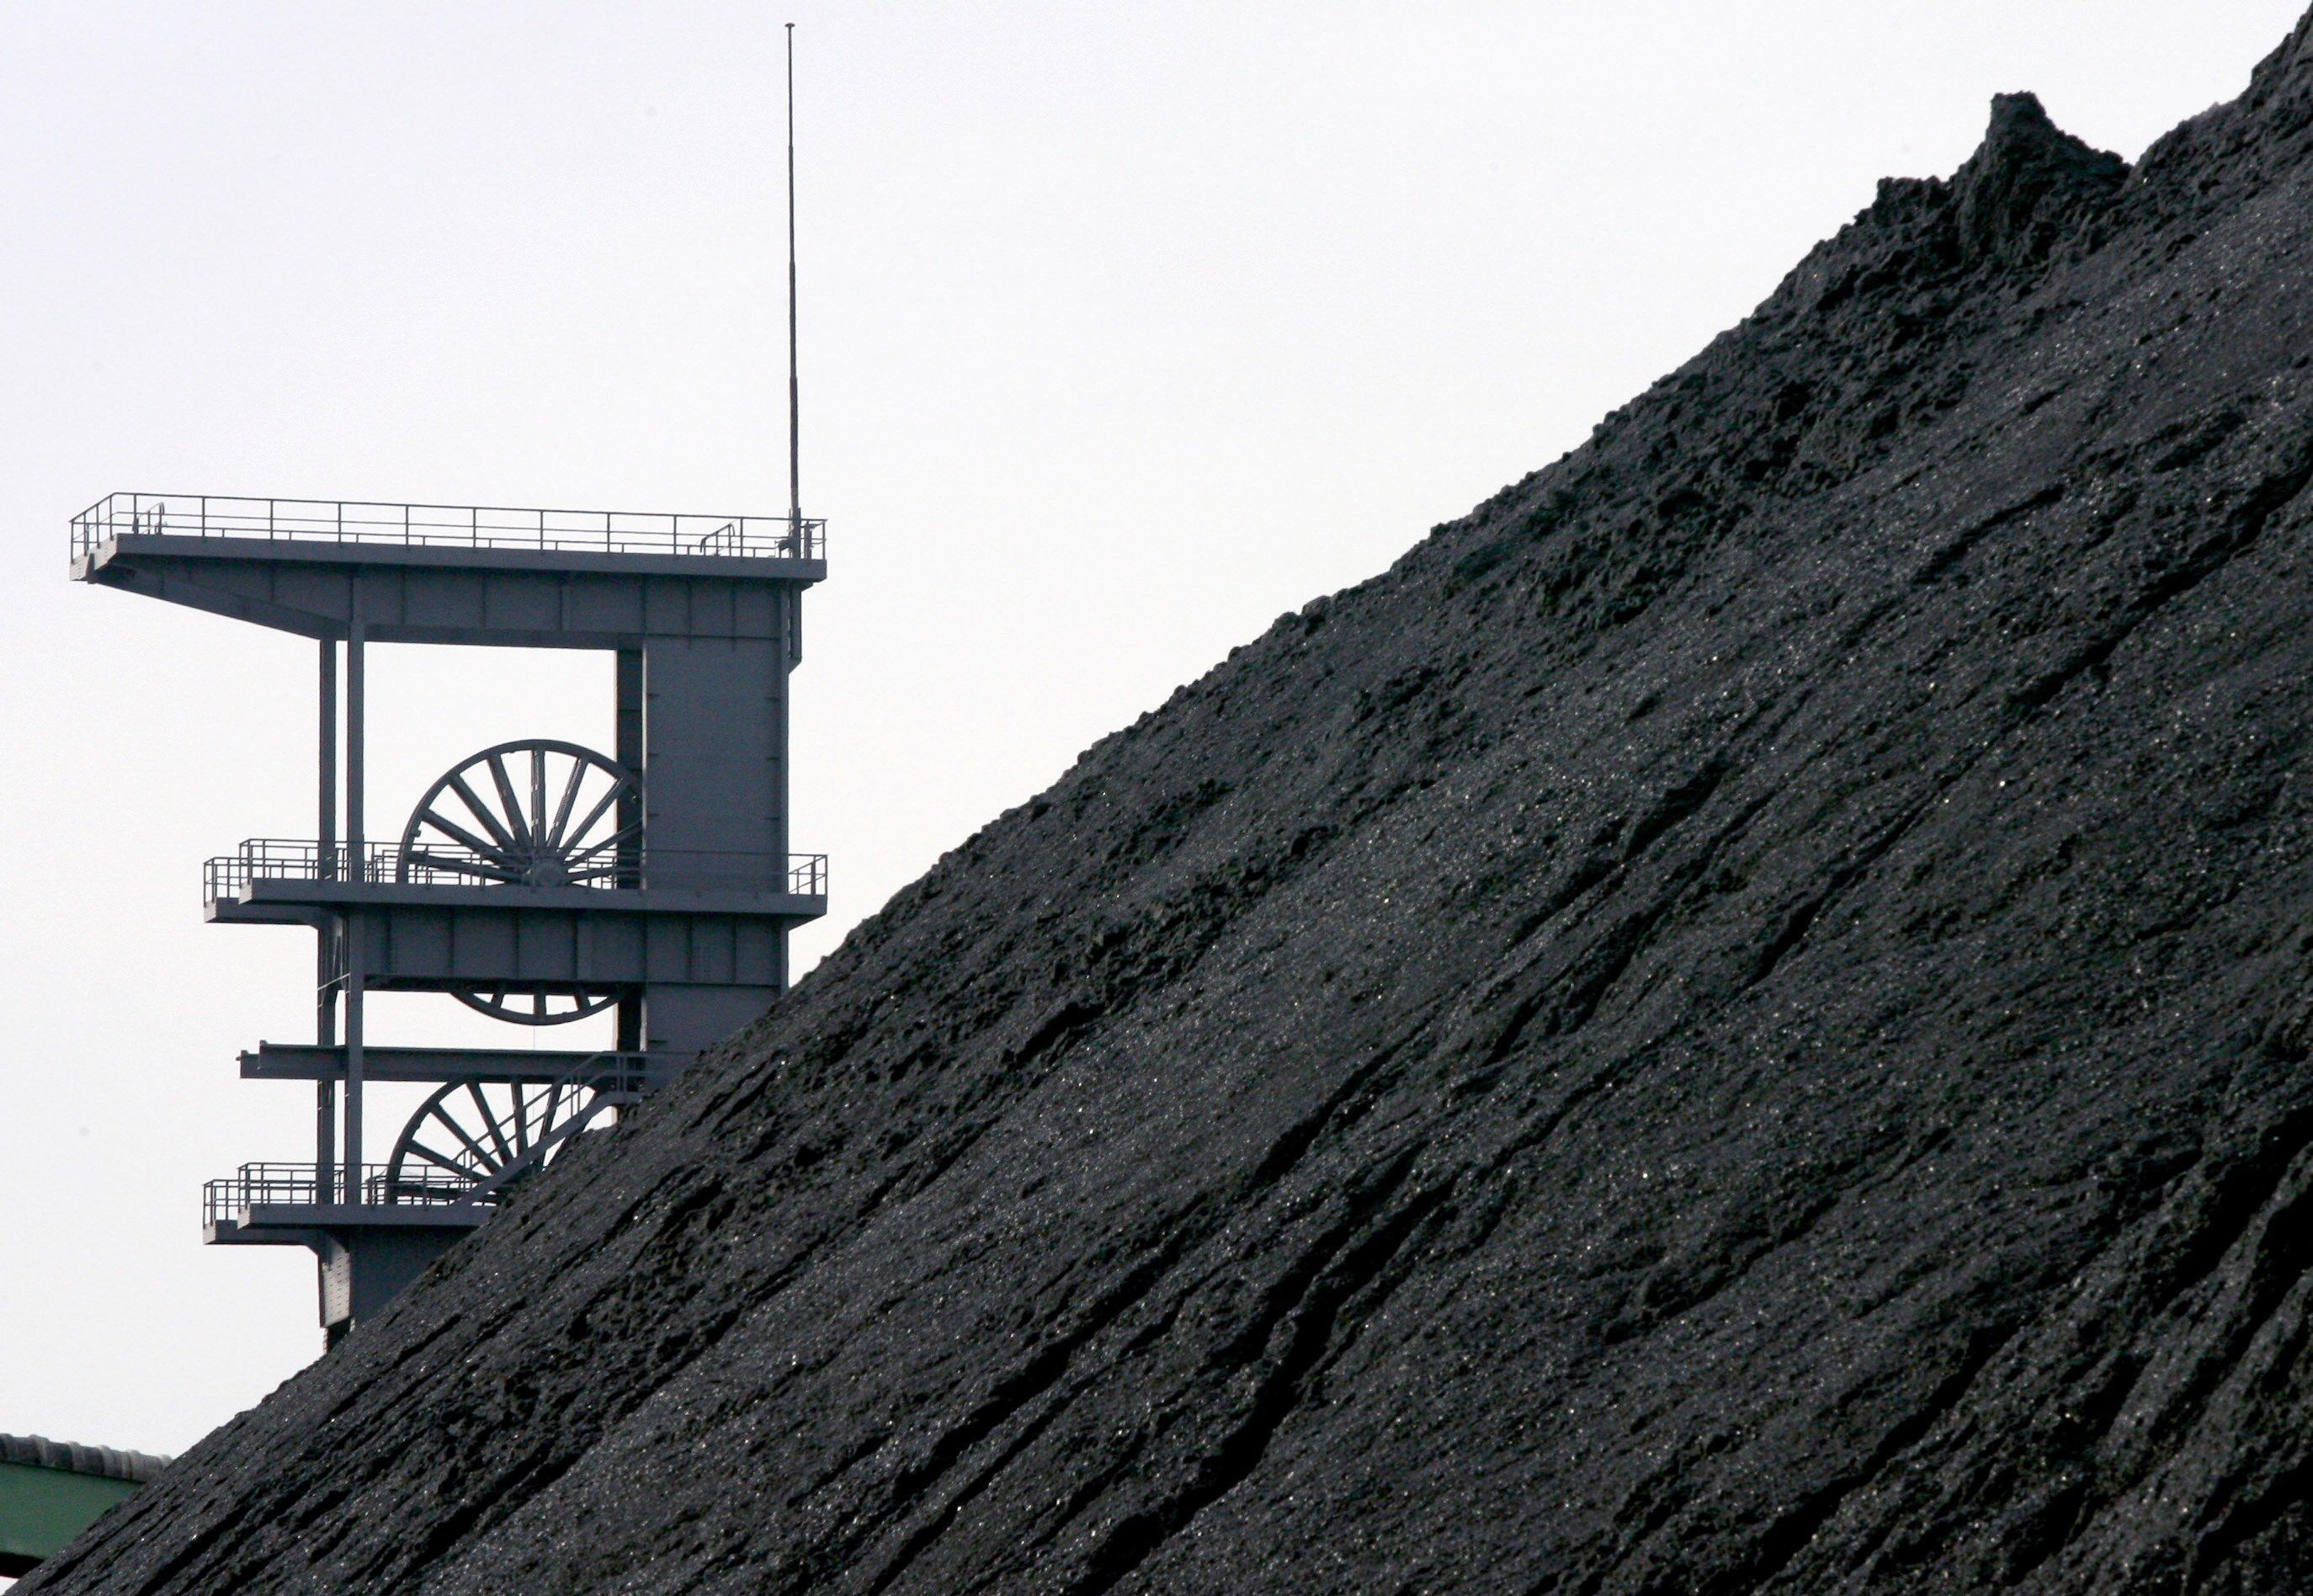 Kohlenhalde vor dem Förderturm der Zeche Prosper-Haniel in Bottrop: Bis Mitte der 1980-er Jahre wurden hochgiftige PCB als Schmiermittel in den Zechen unter Tage eingesetzt.